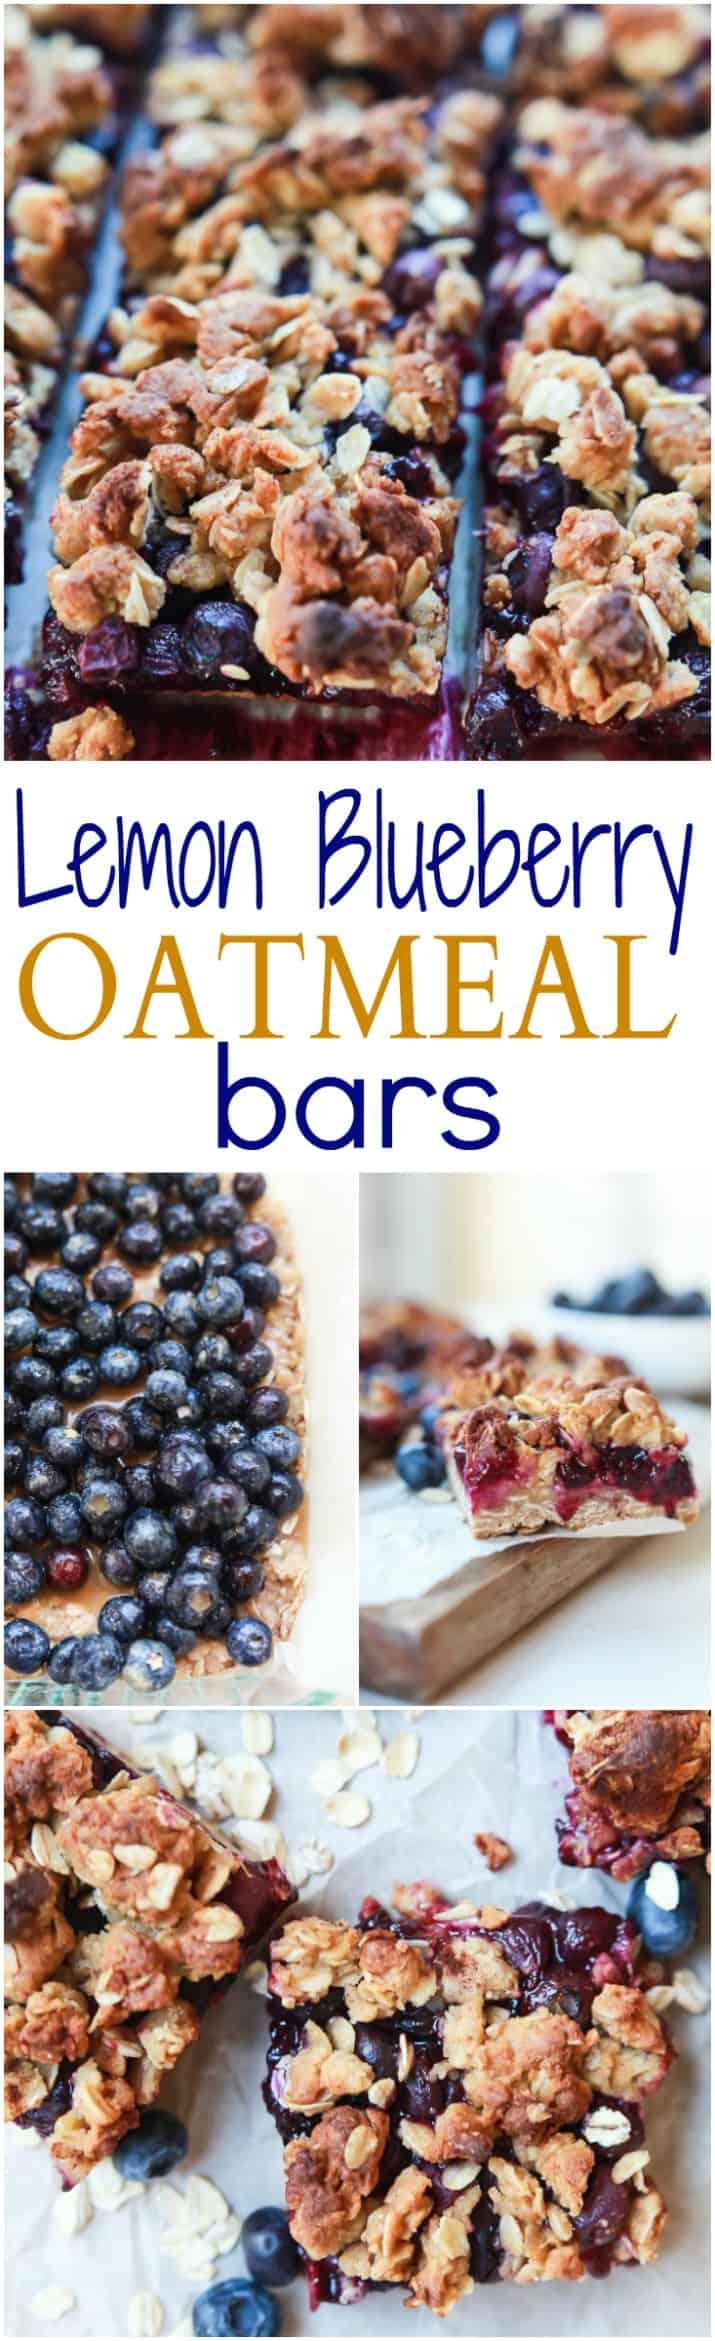 Blueberry lemon oatmeal bars